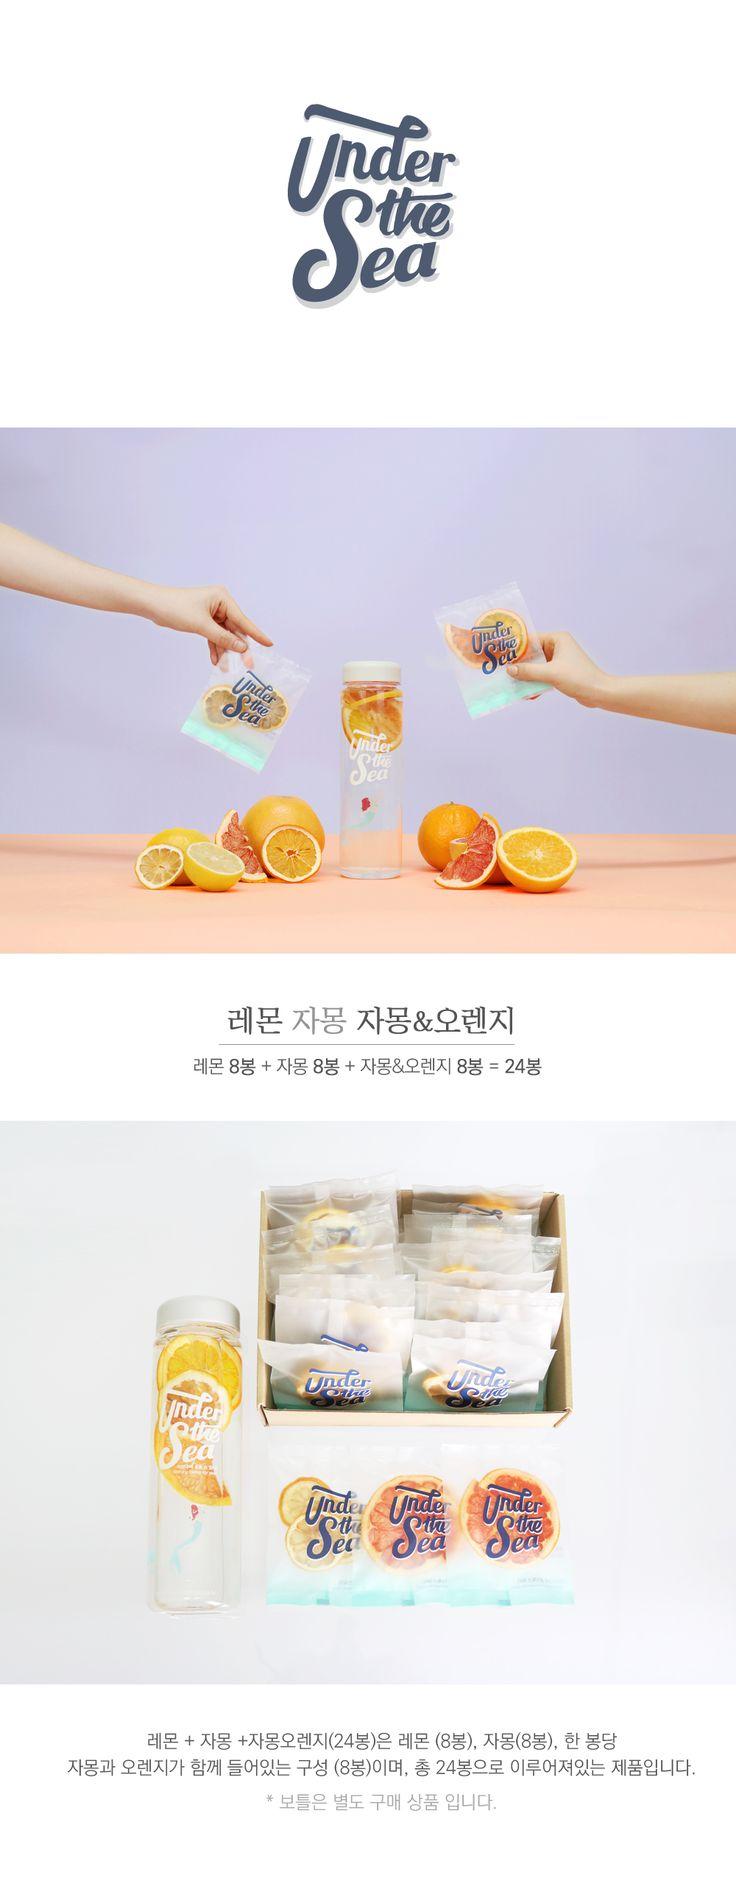 텐바이텐 10X10 : [언더더씨워터] 건조레몬+건조자몽+건조자몽&오렌지 (24입)